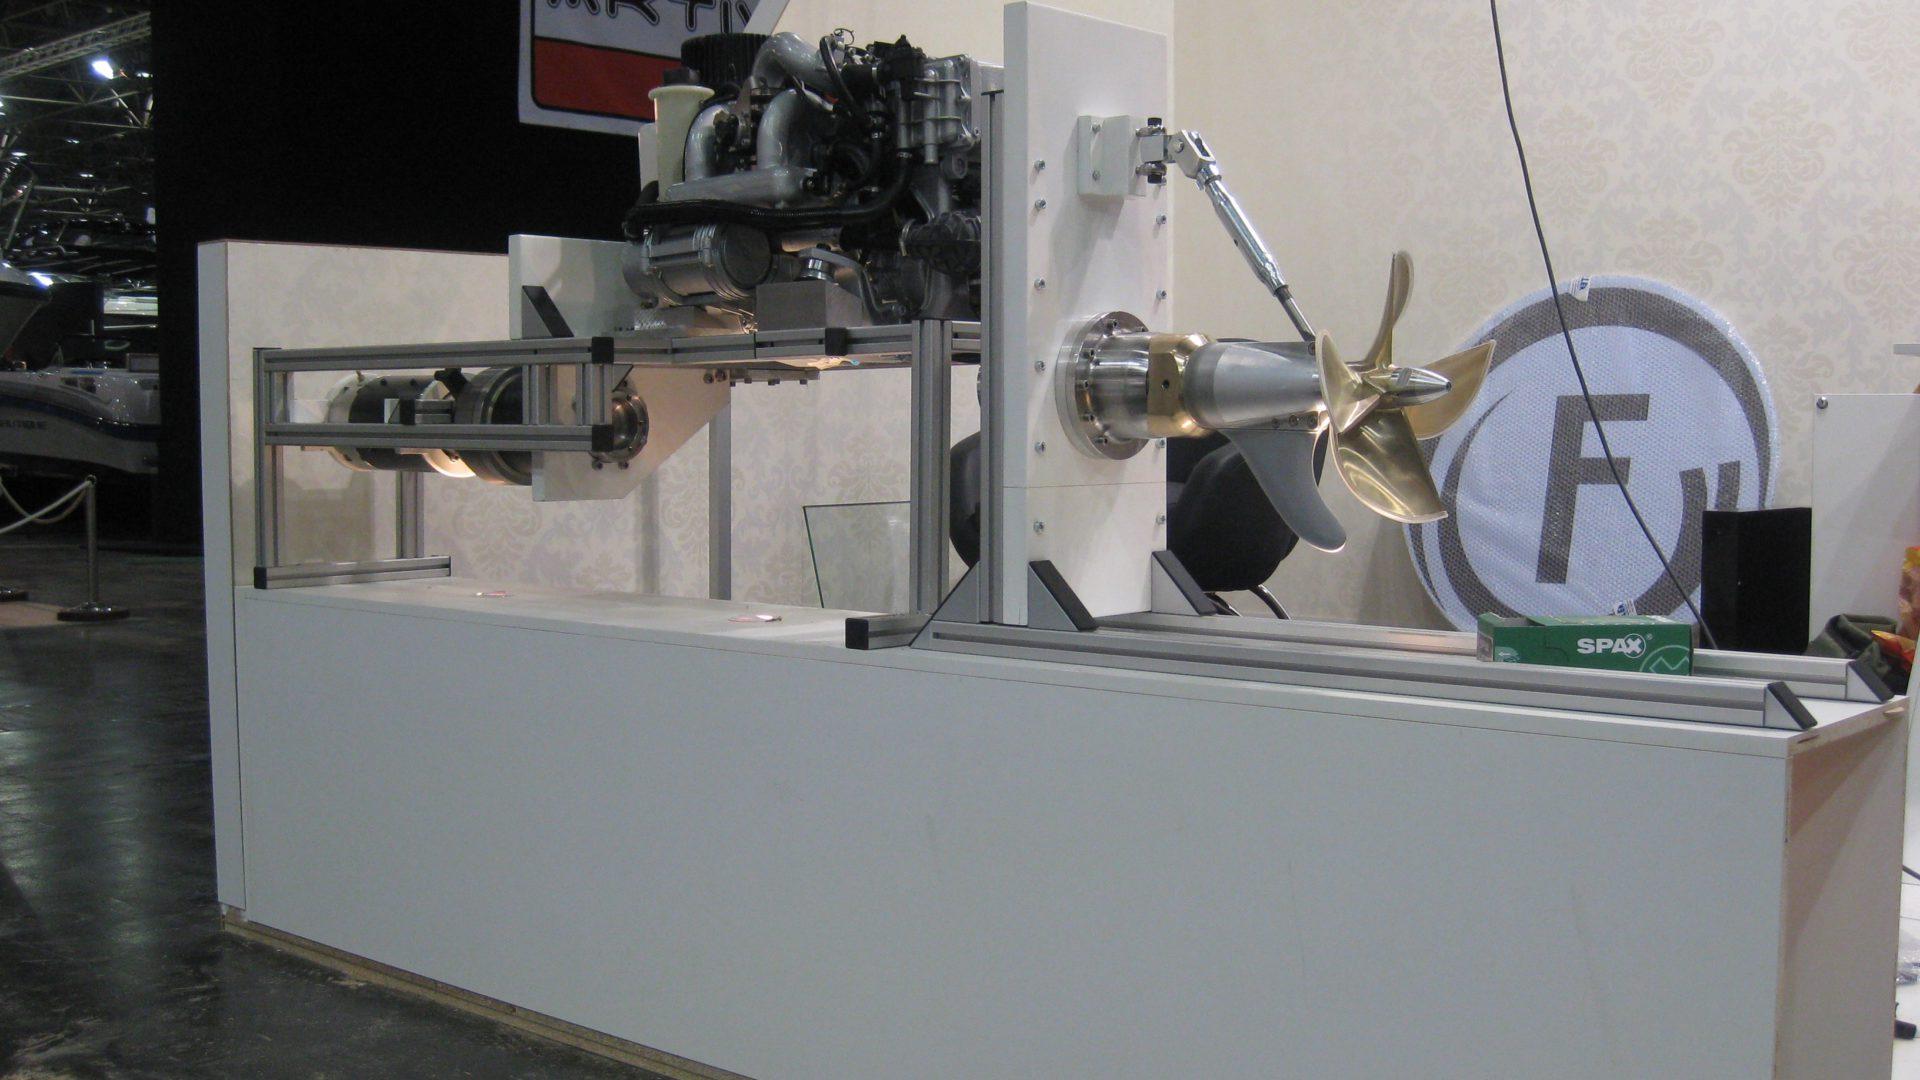 Hybrides Antriebssystem, hier zu sehen als Modellaufbau auf einer Messe.